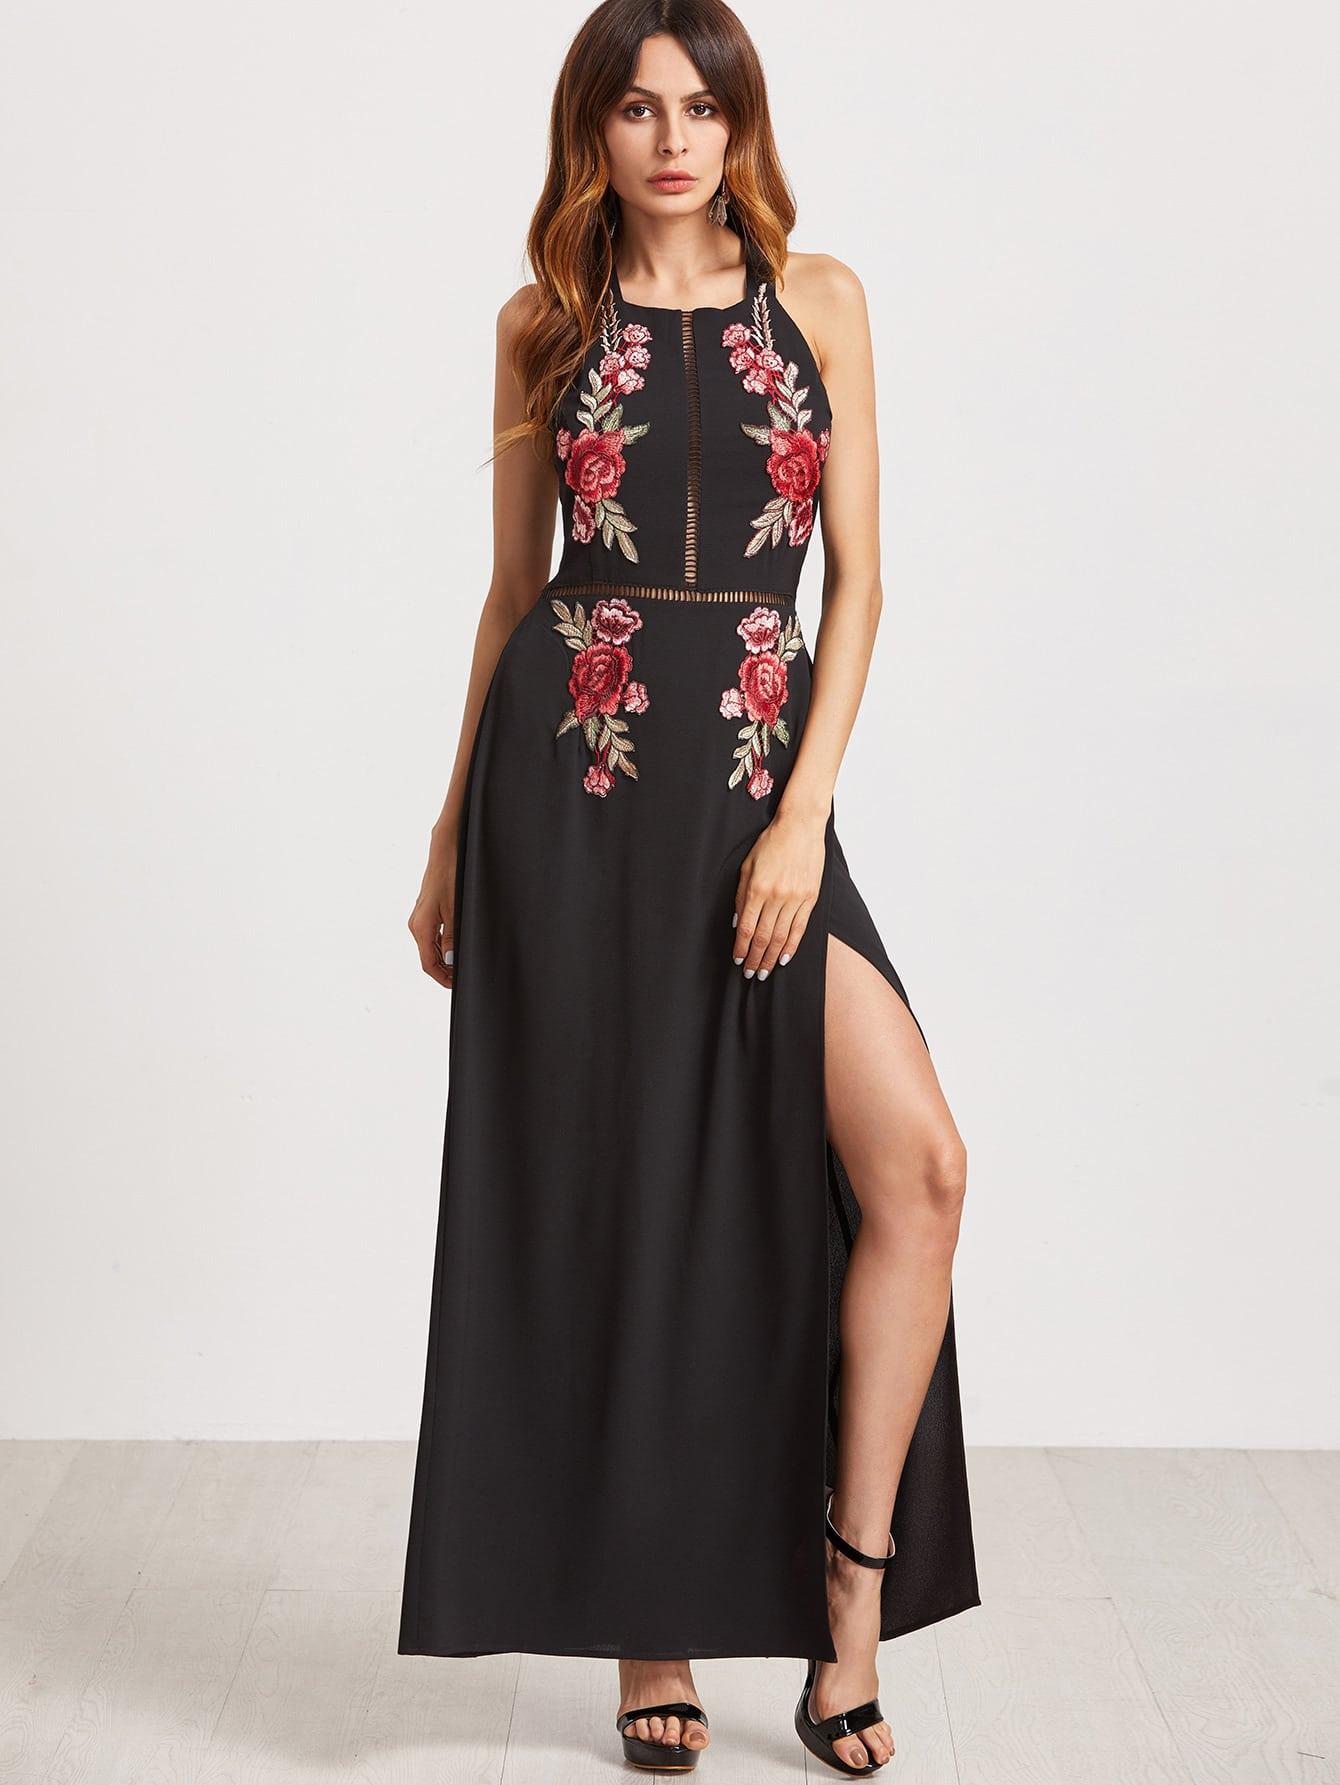 Embroidered Rose Applique Tied Open Back High Slit Dress